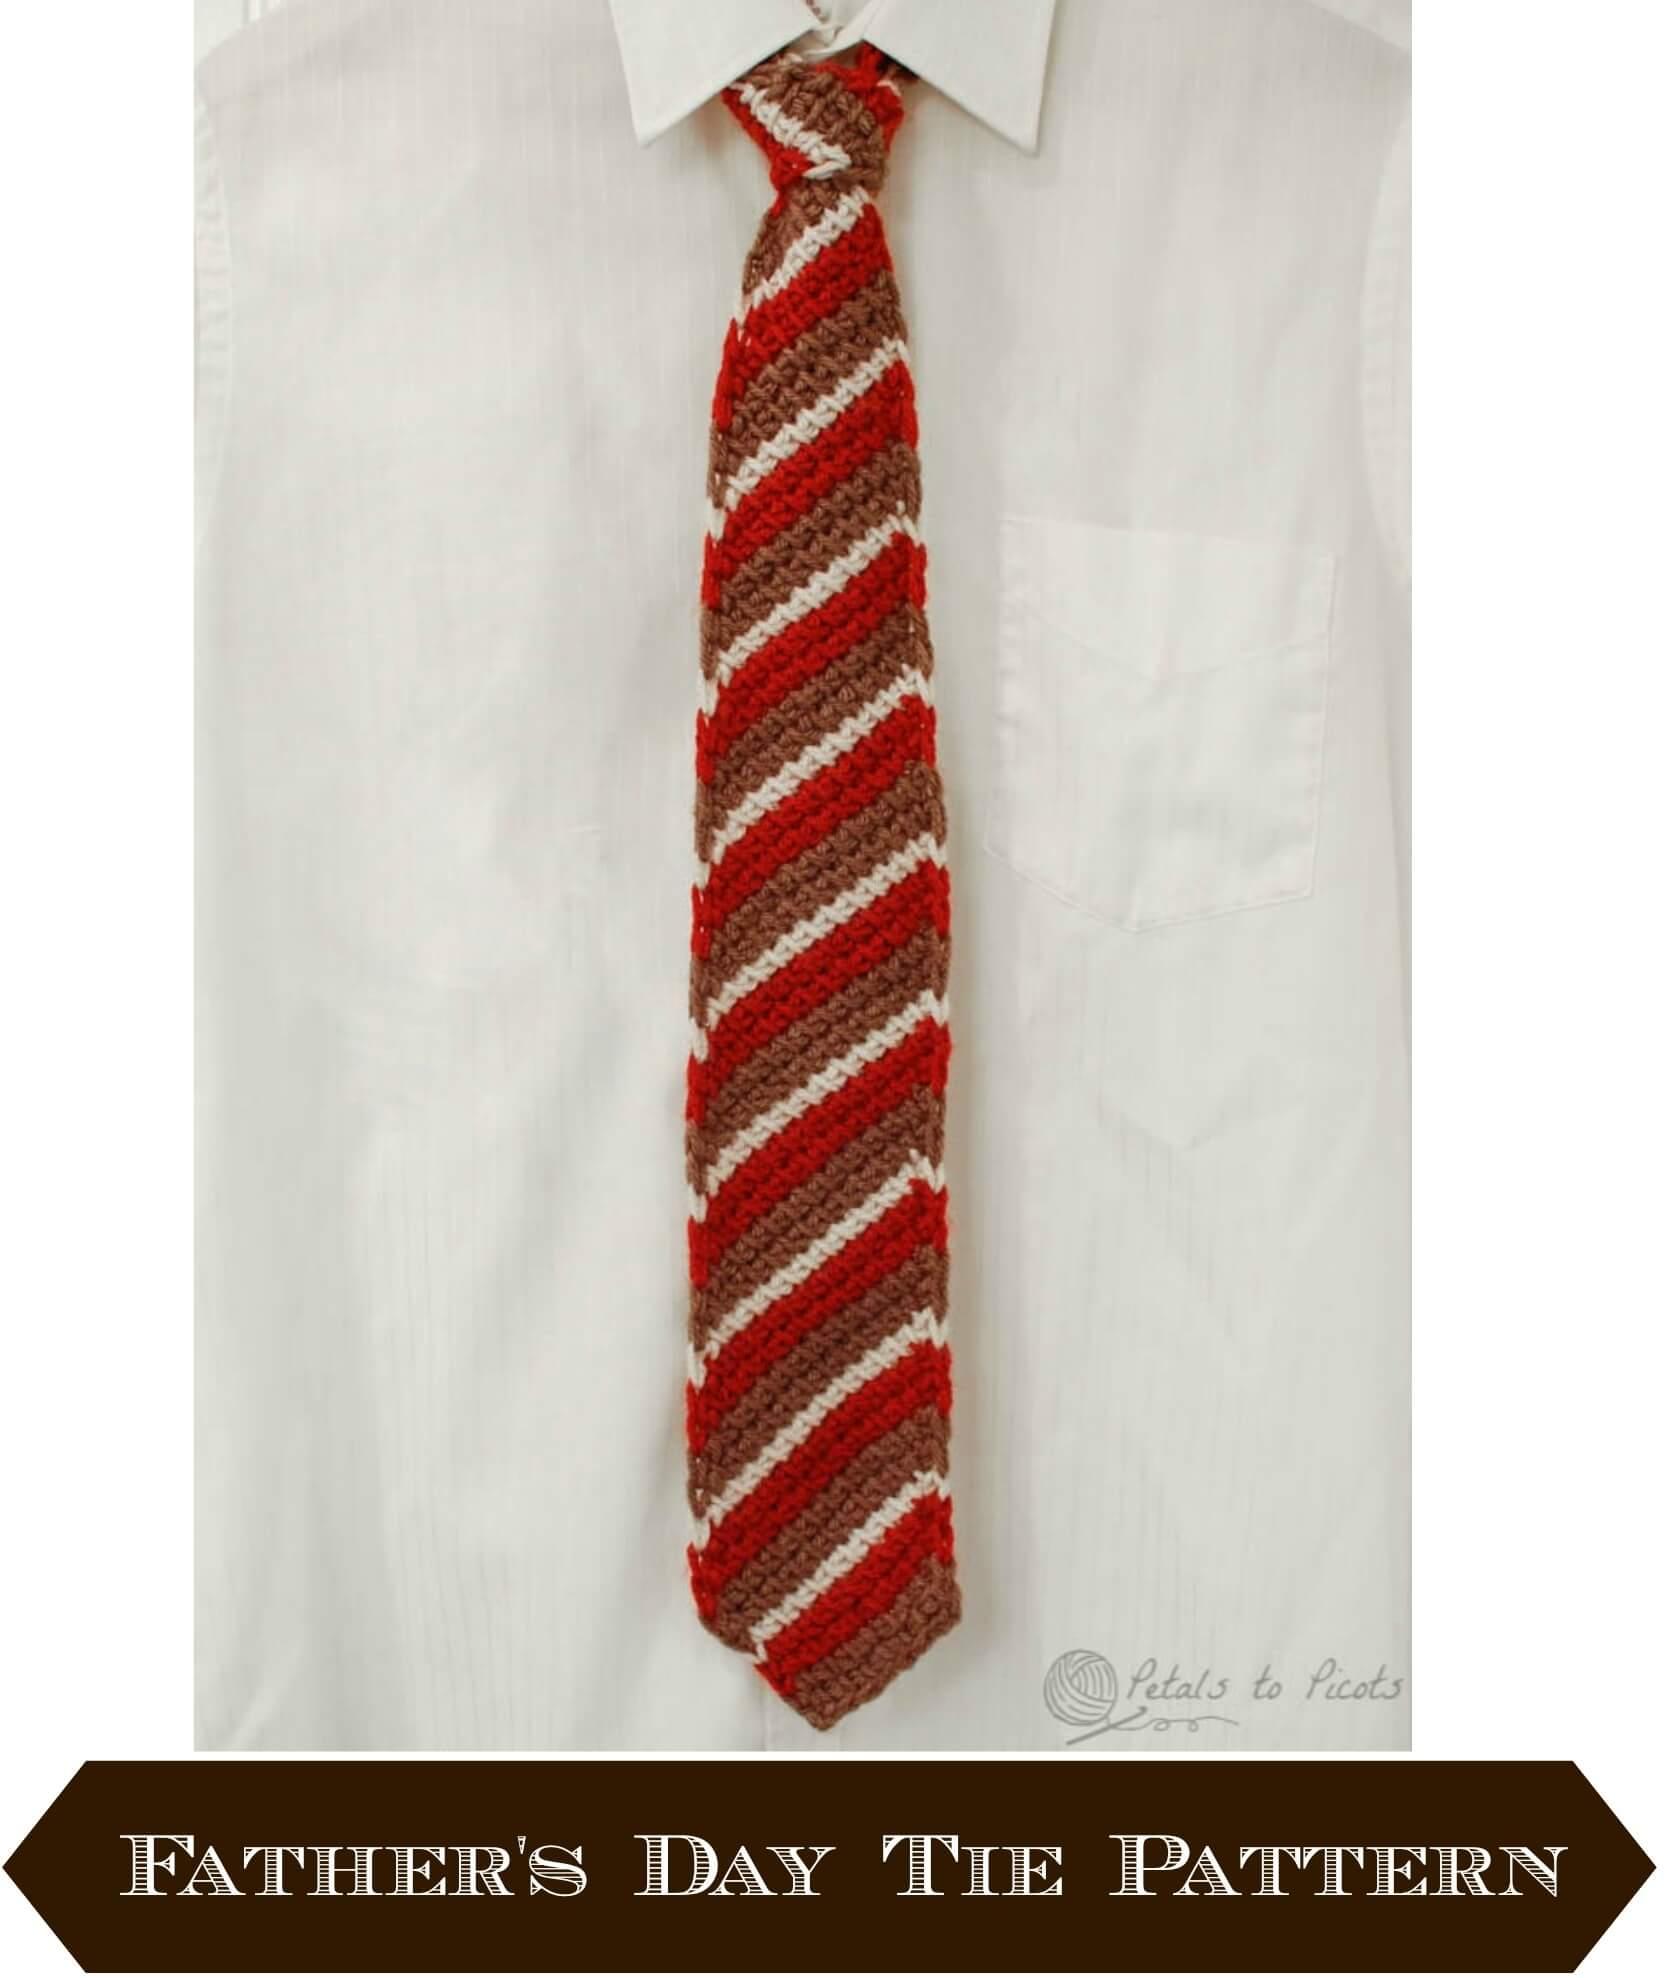 Tunisian Crochet Tie for Dad - Petals to Picots